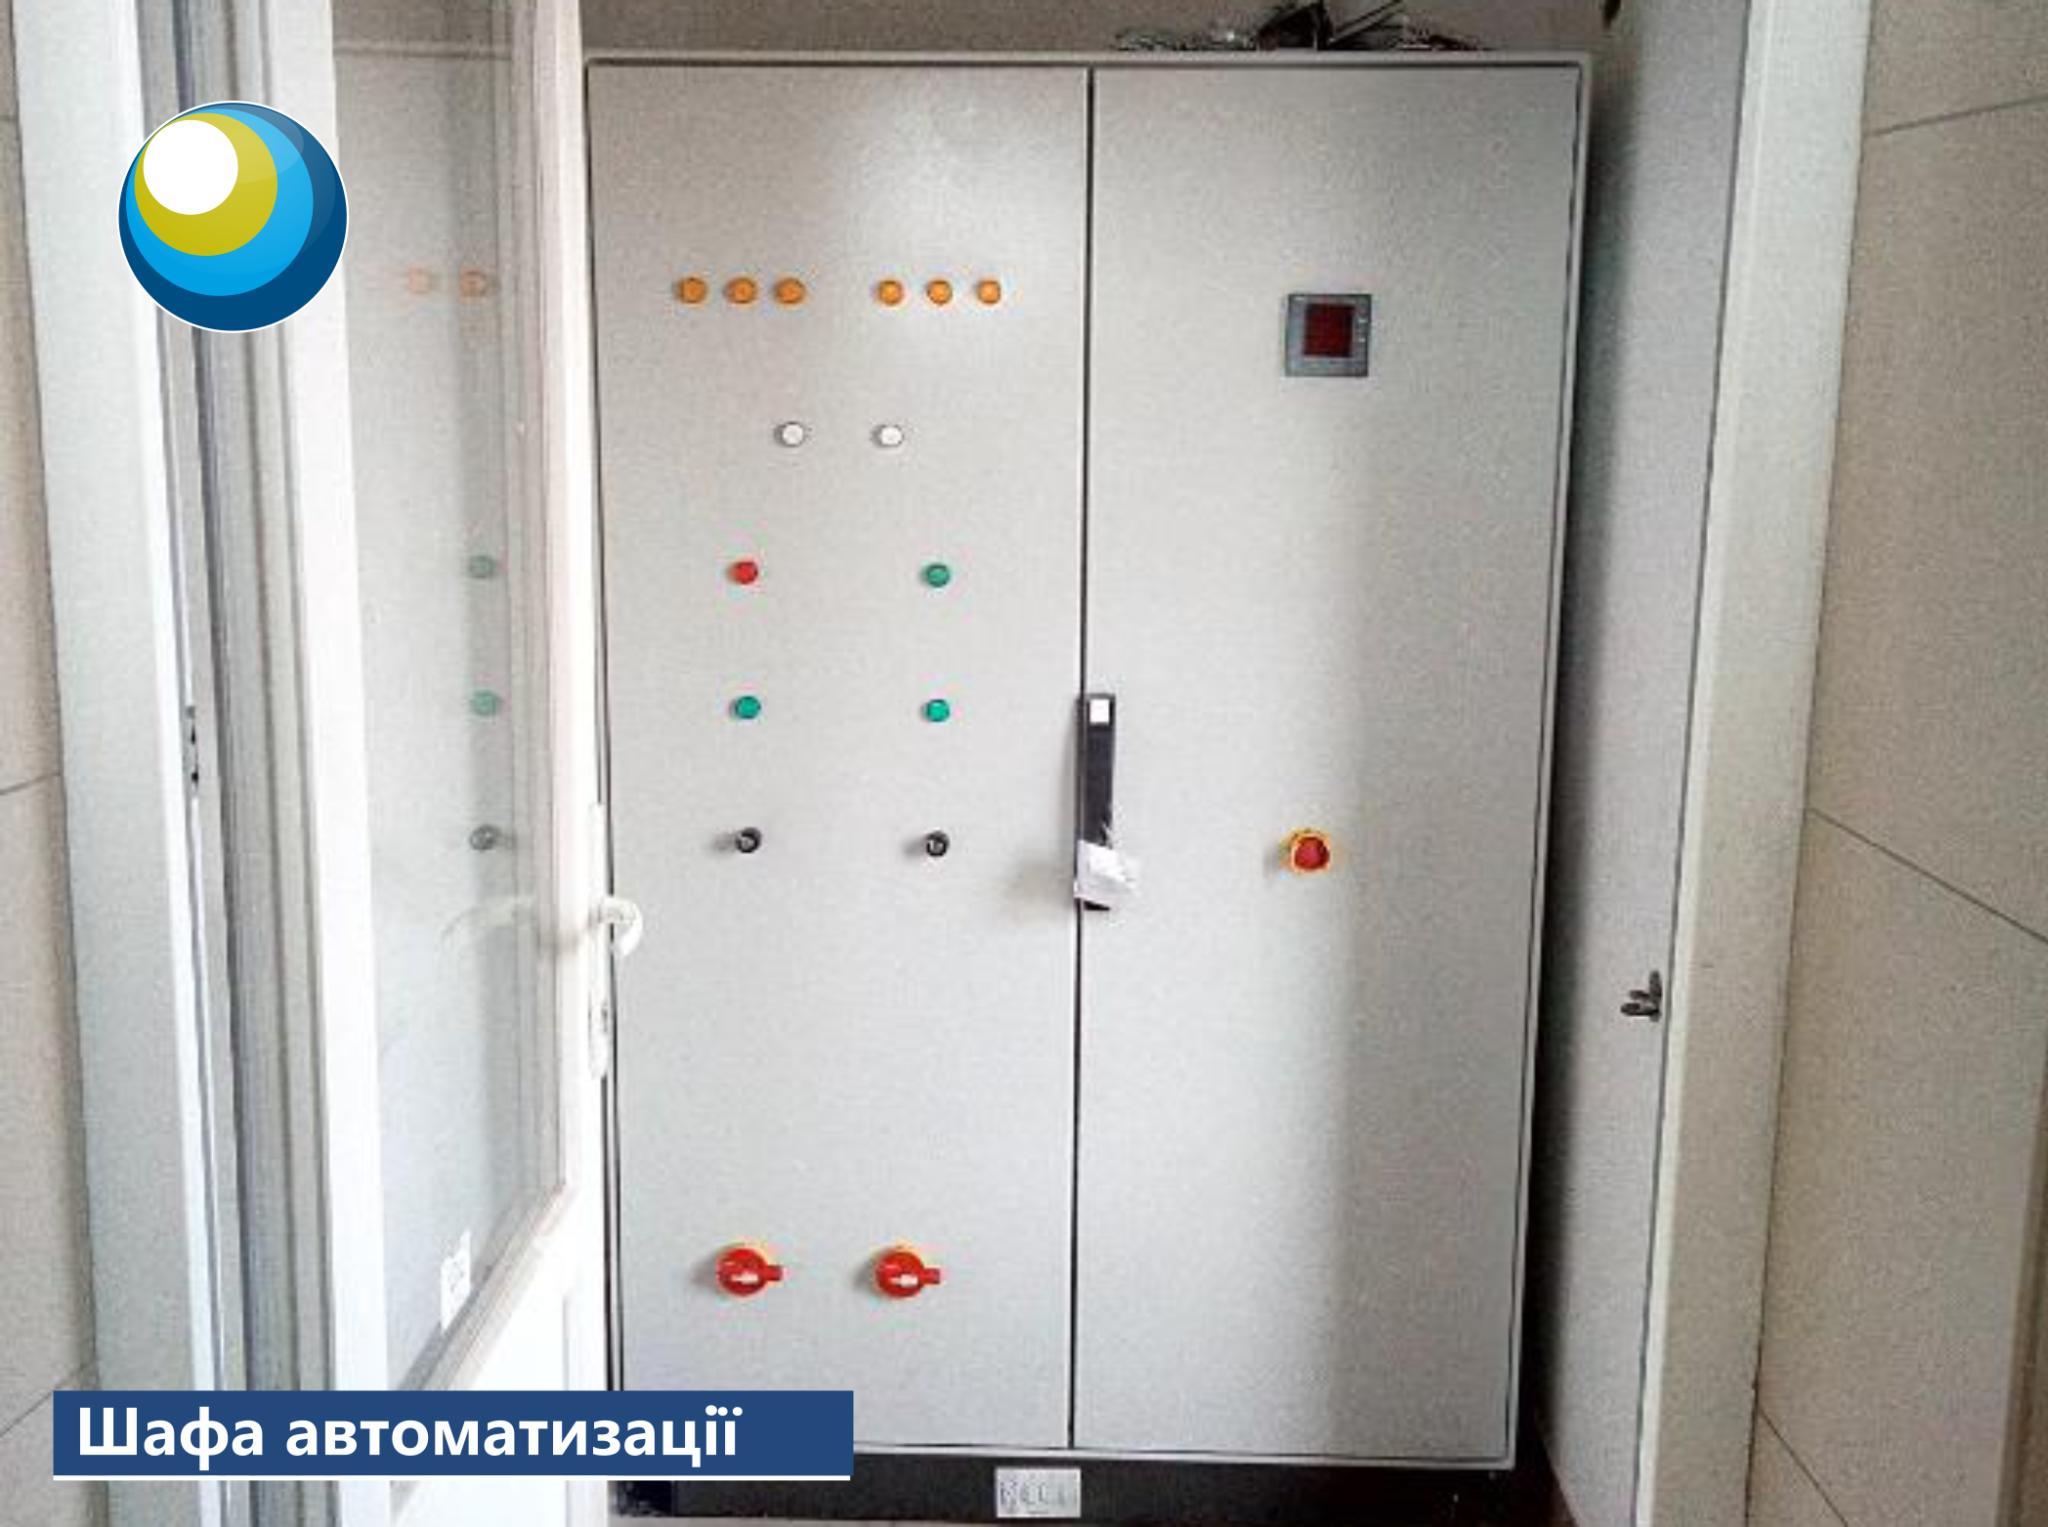 шафа автоматизації, електролізна установка